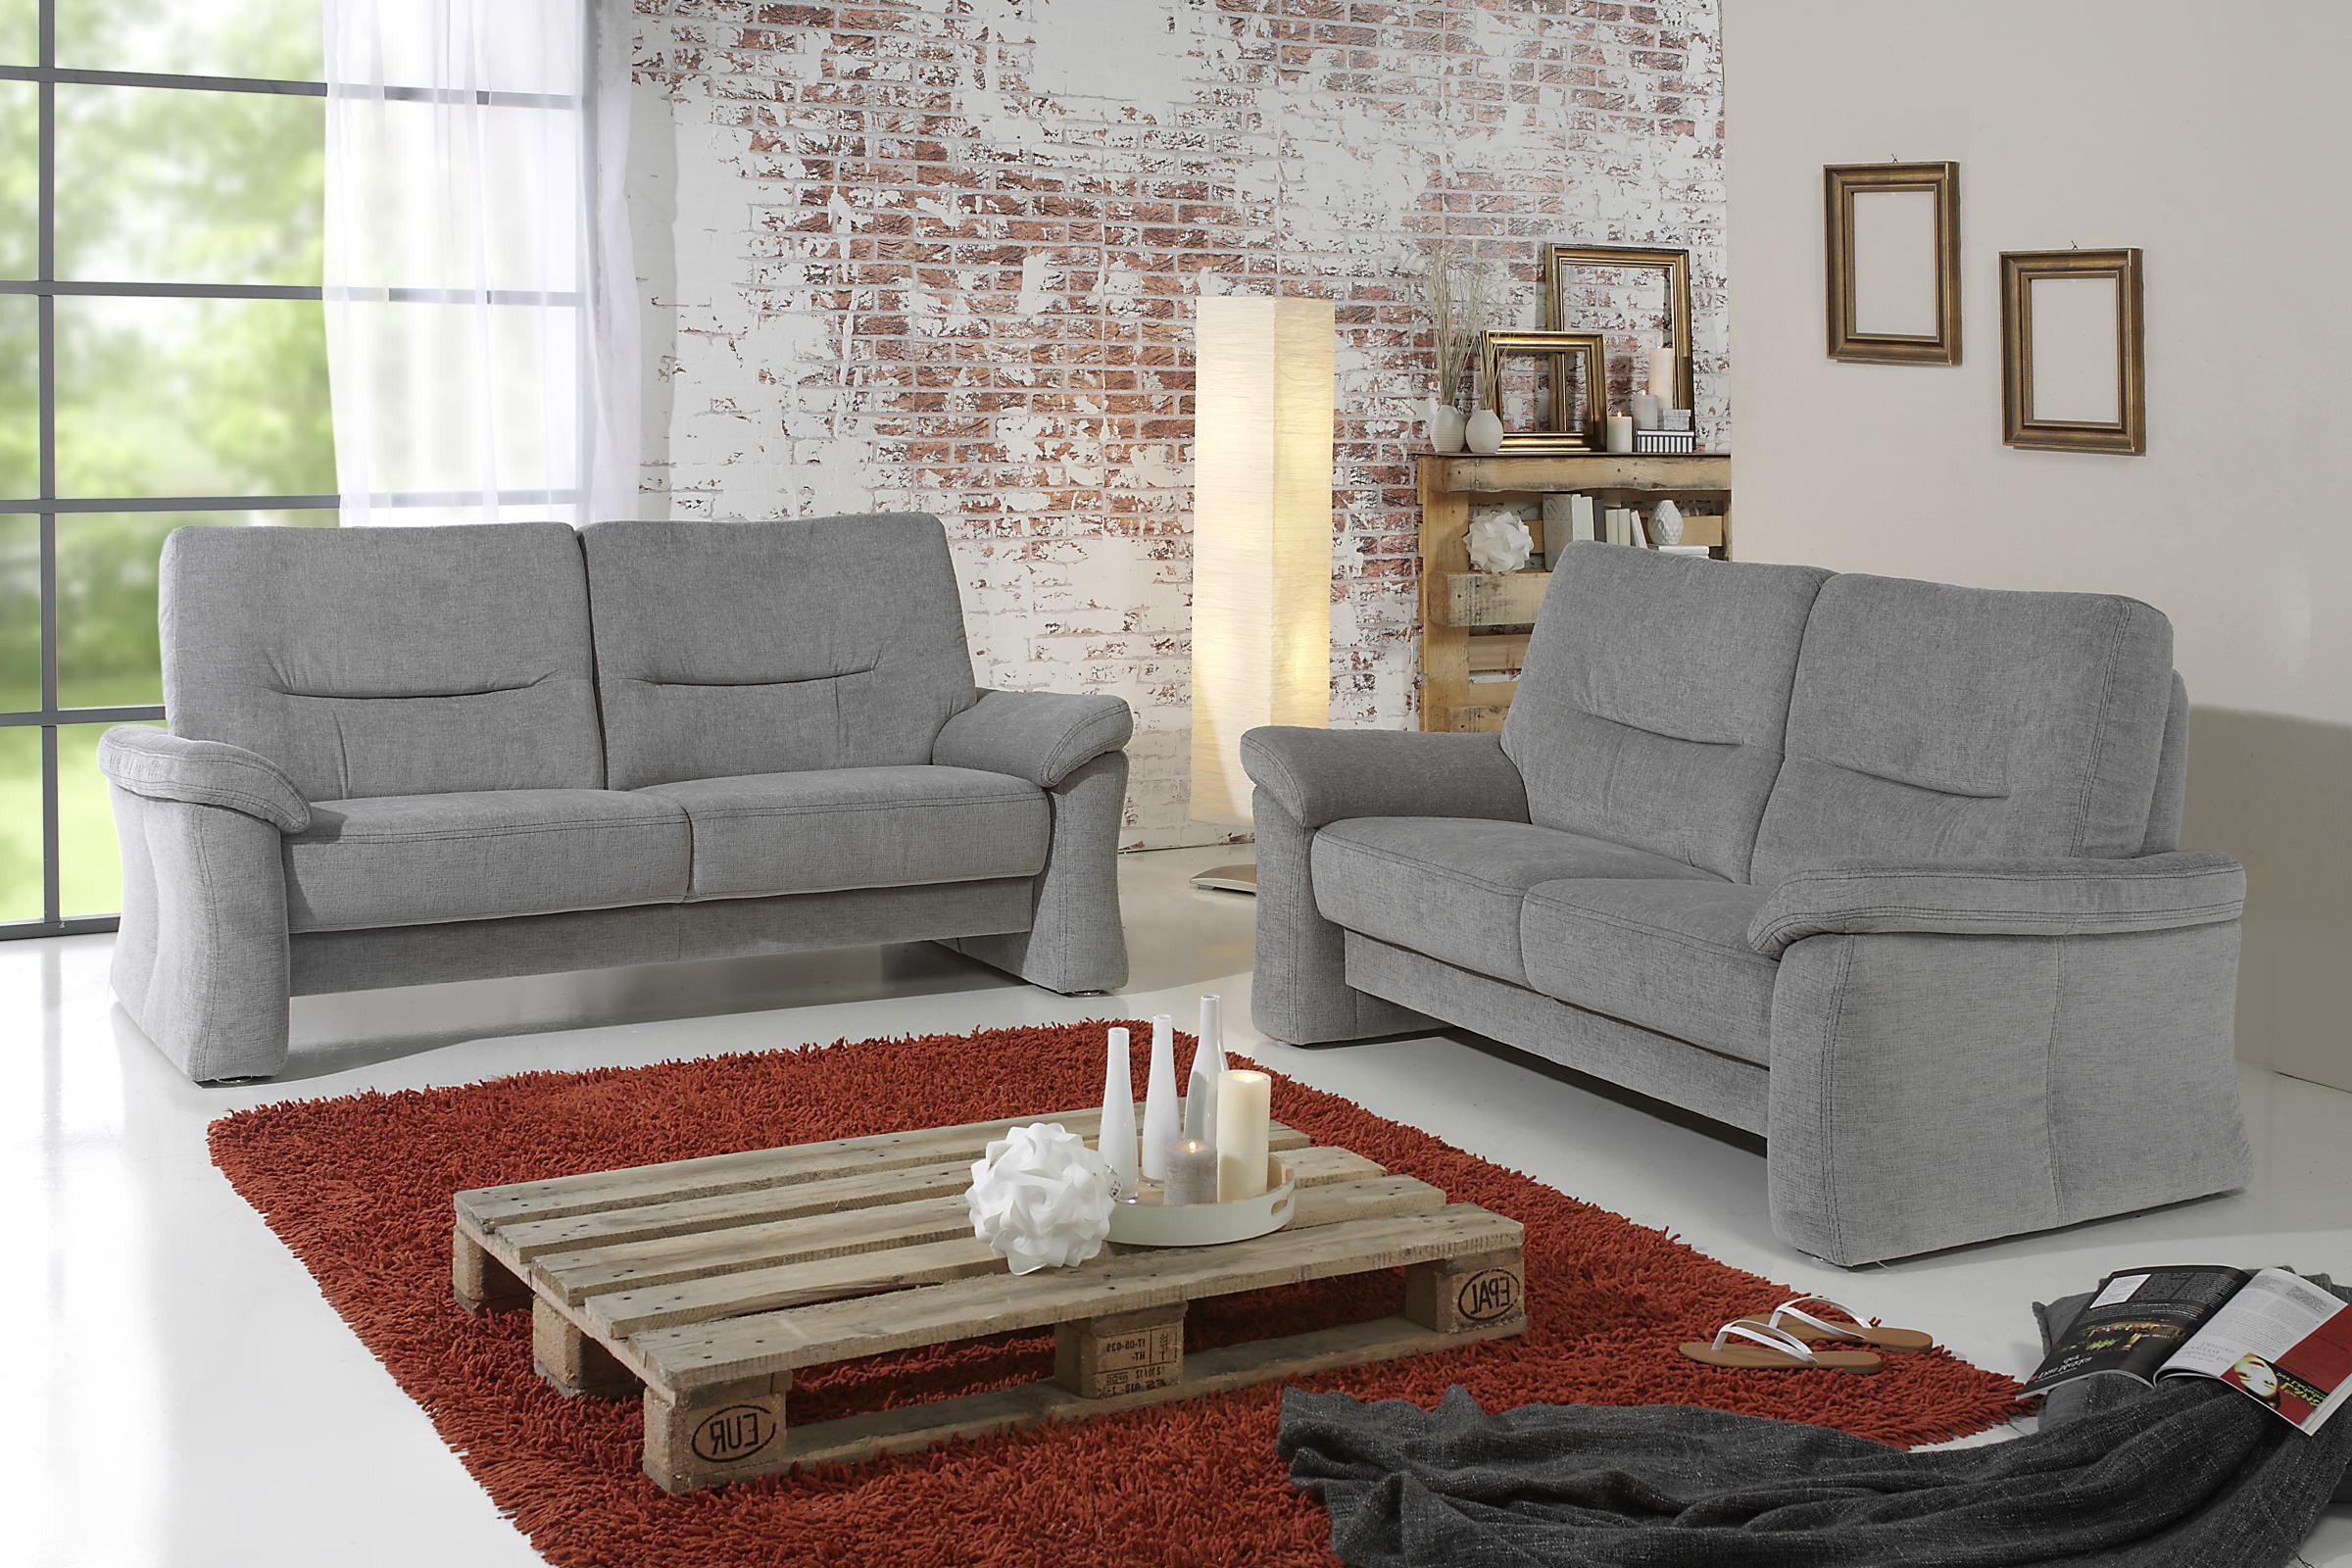 Arco Polstermöbel 7020 Sofagruppe hellgrau | Möbel Letz - Ihr ...